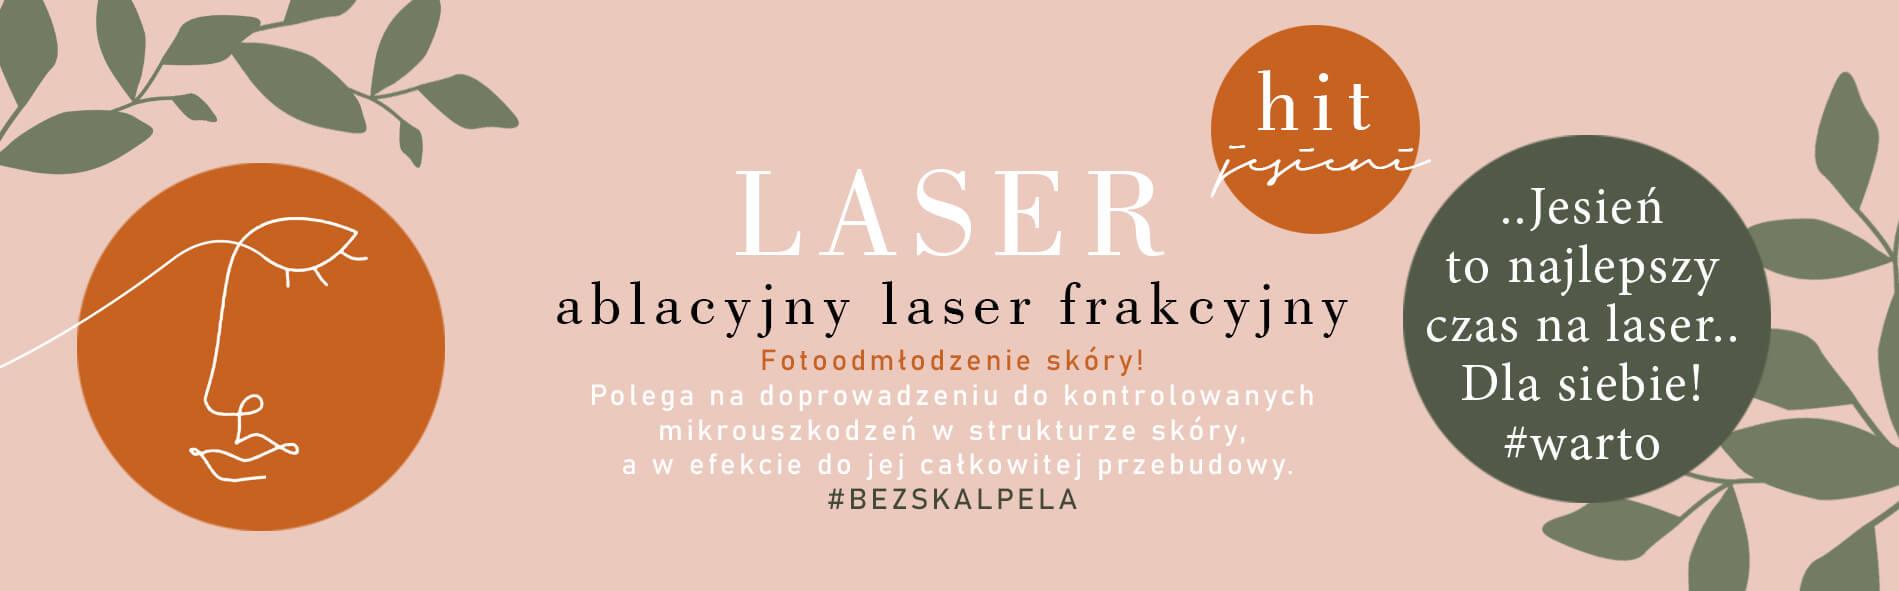 Ablacyjny laser frakcyjny